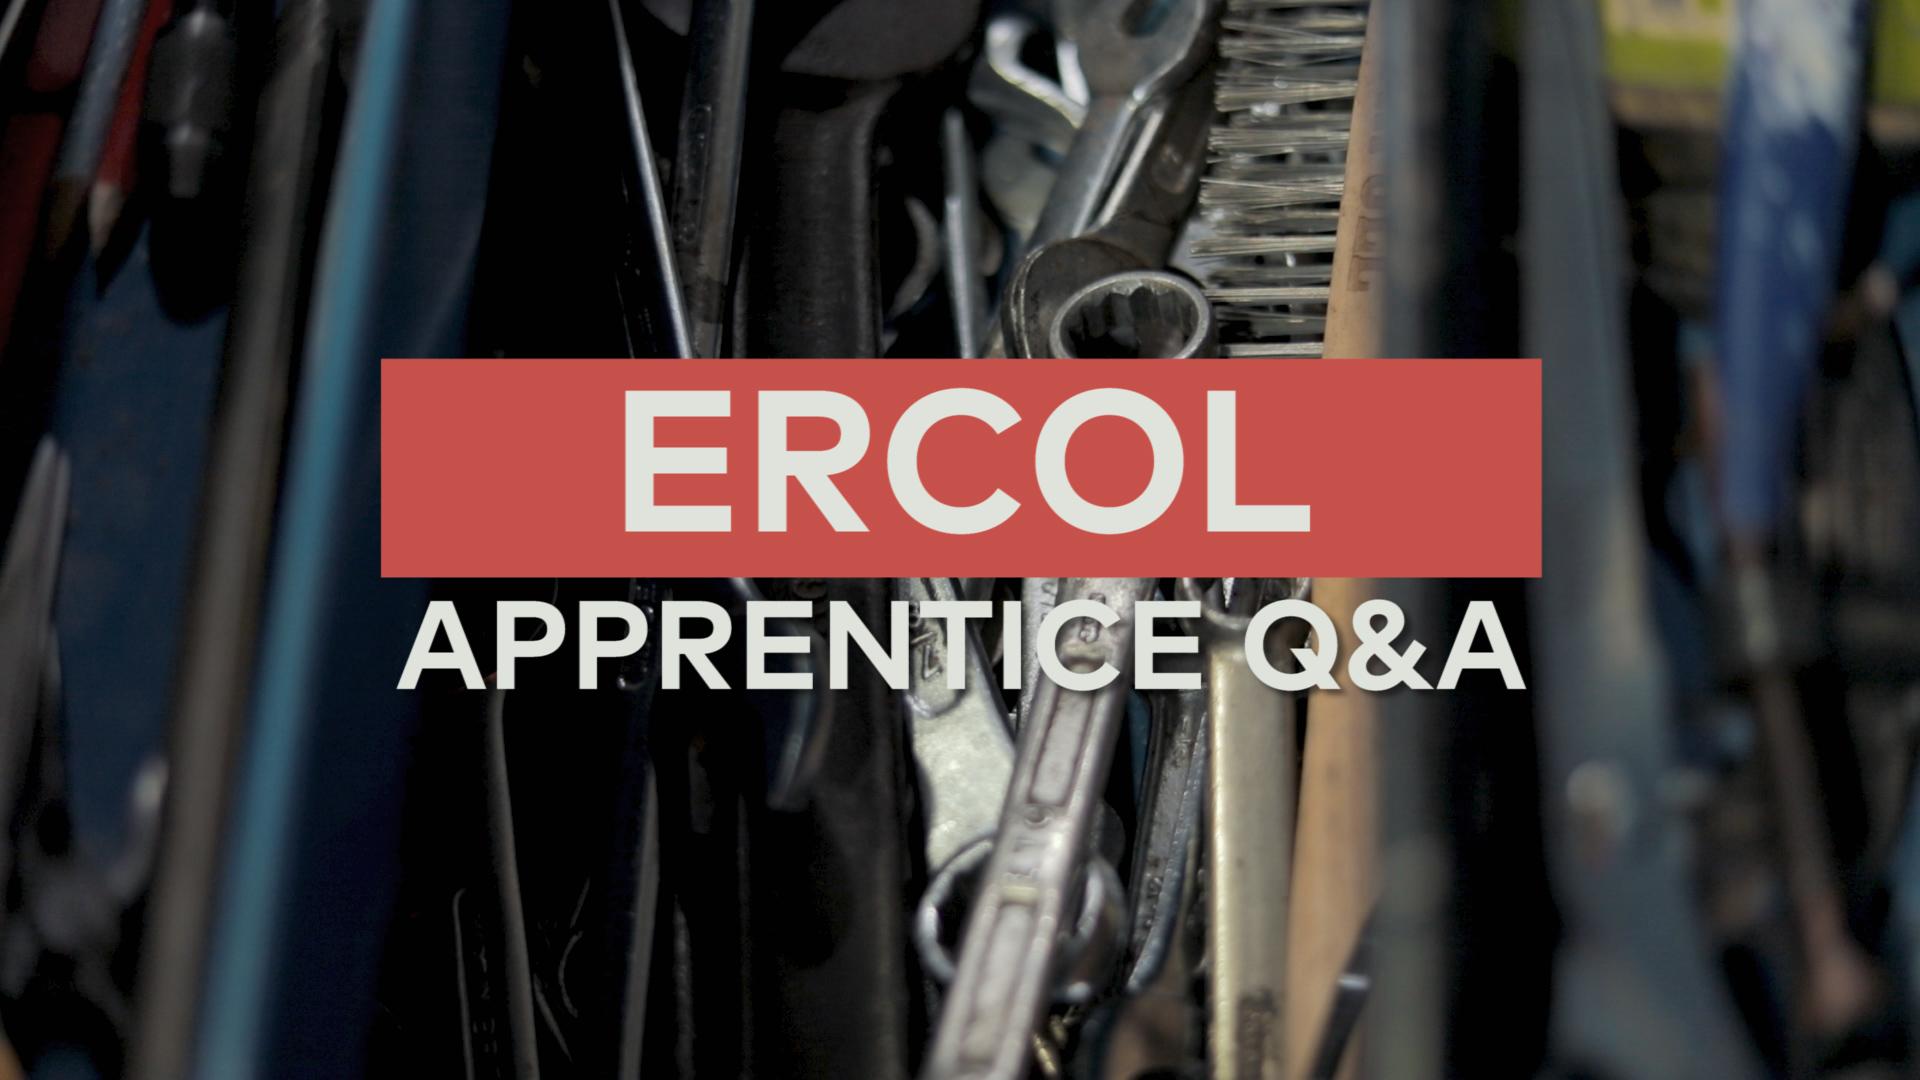 Ercol: Apprentice Q&A